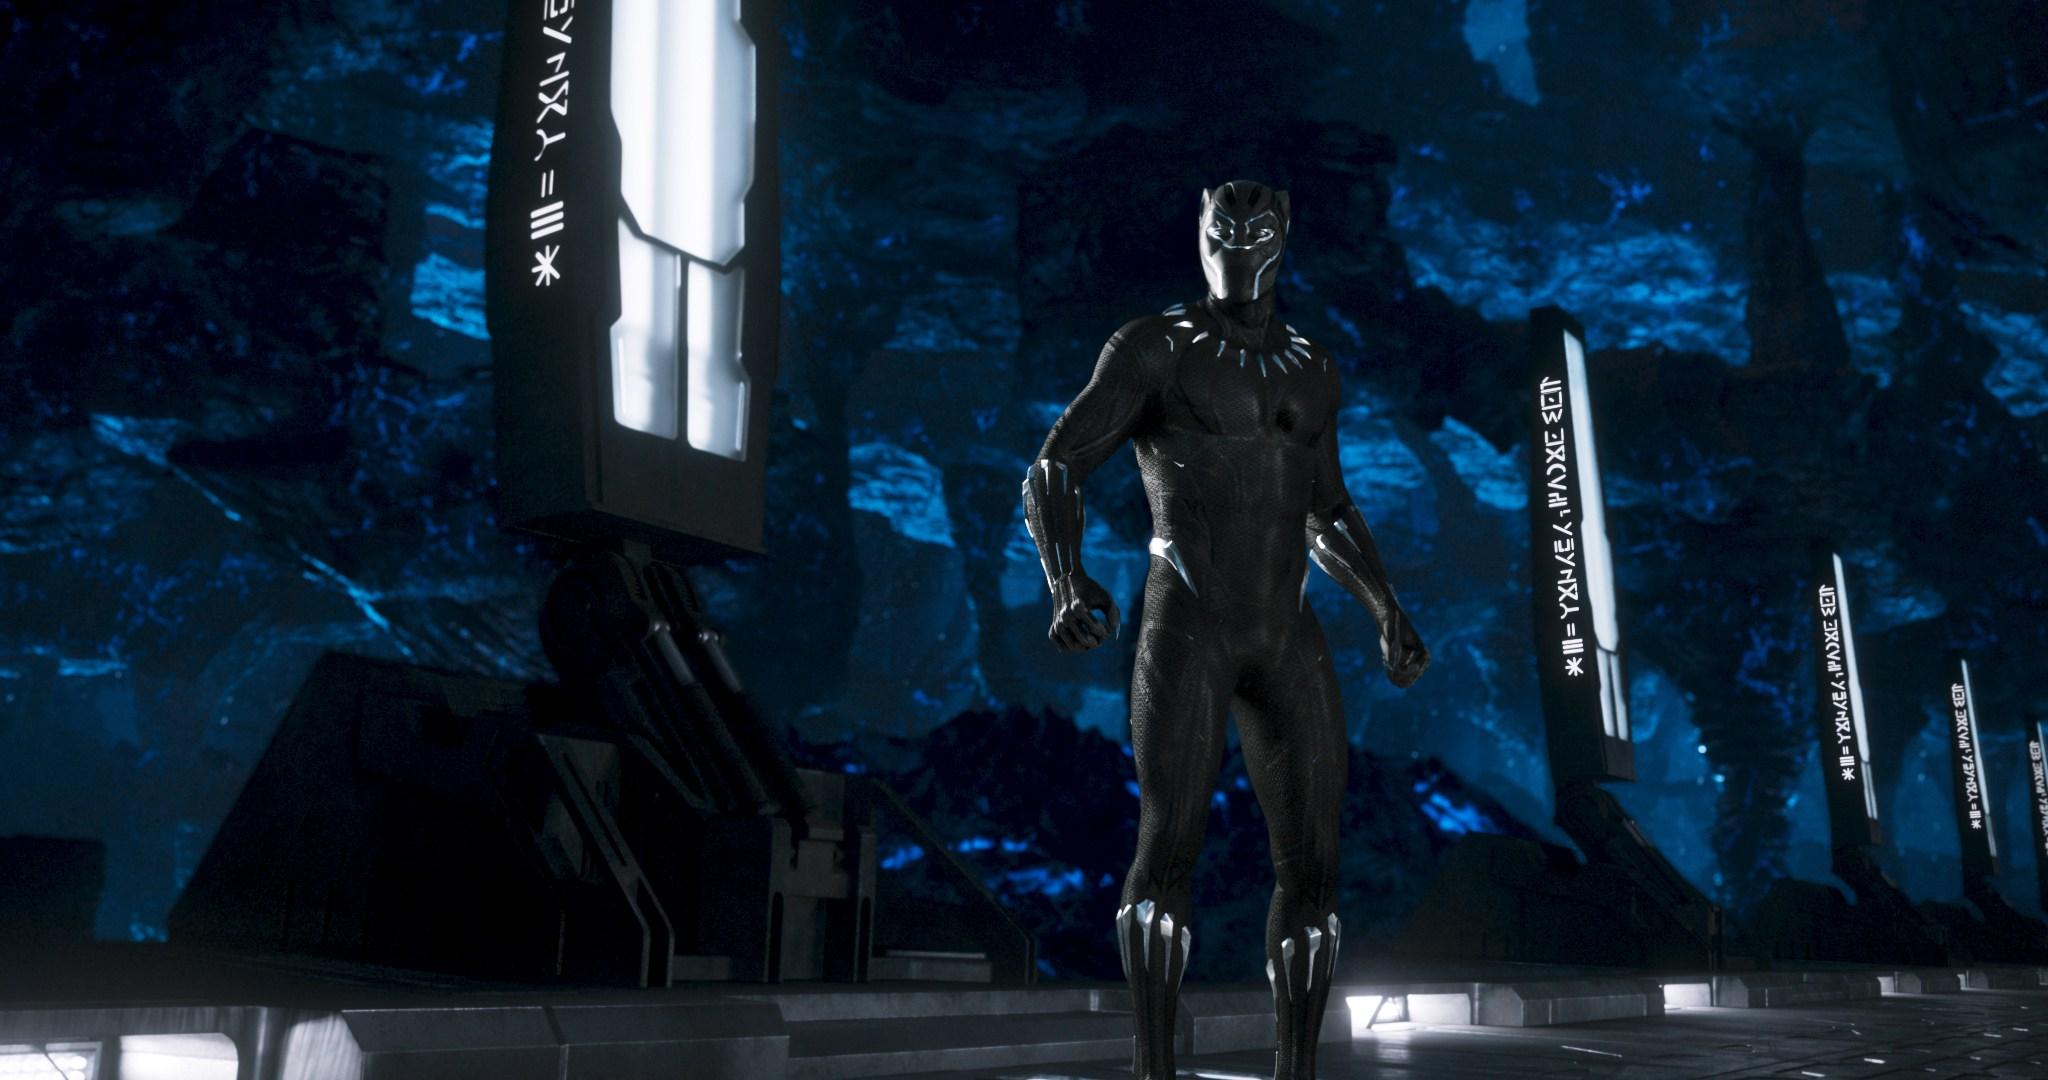 Black Panther 2018 Movie Still Full Hd Wallpaper: Marvel Black Panther Movie 2018, HD Movies, 4k Wallpapers